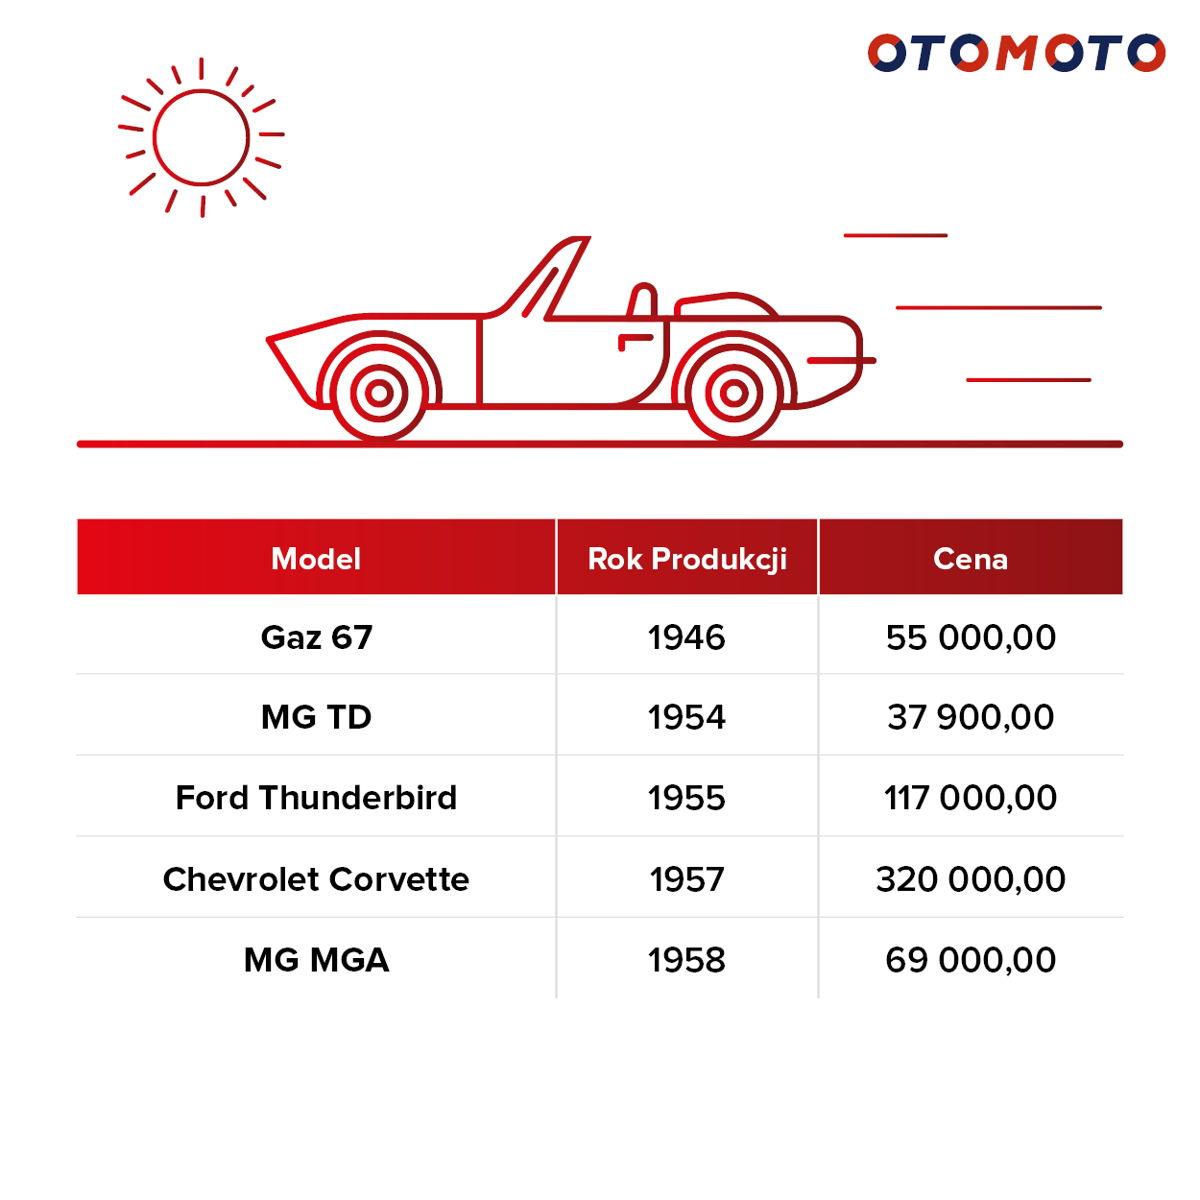 Najstarsze kabriolety wystawiane w OTOMOTO w okresie 05.18.-05.19.